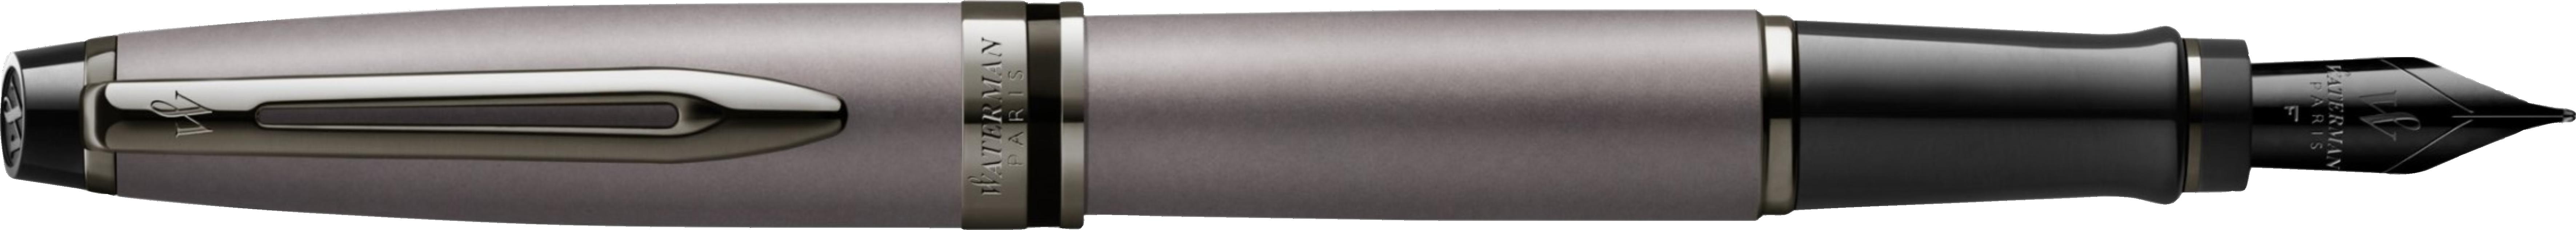 2119253 Waterman Expert Перьевая ручка  Silver F BLK в подарочной упаковке